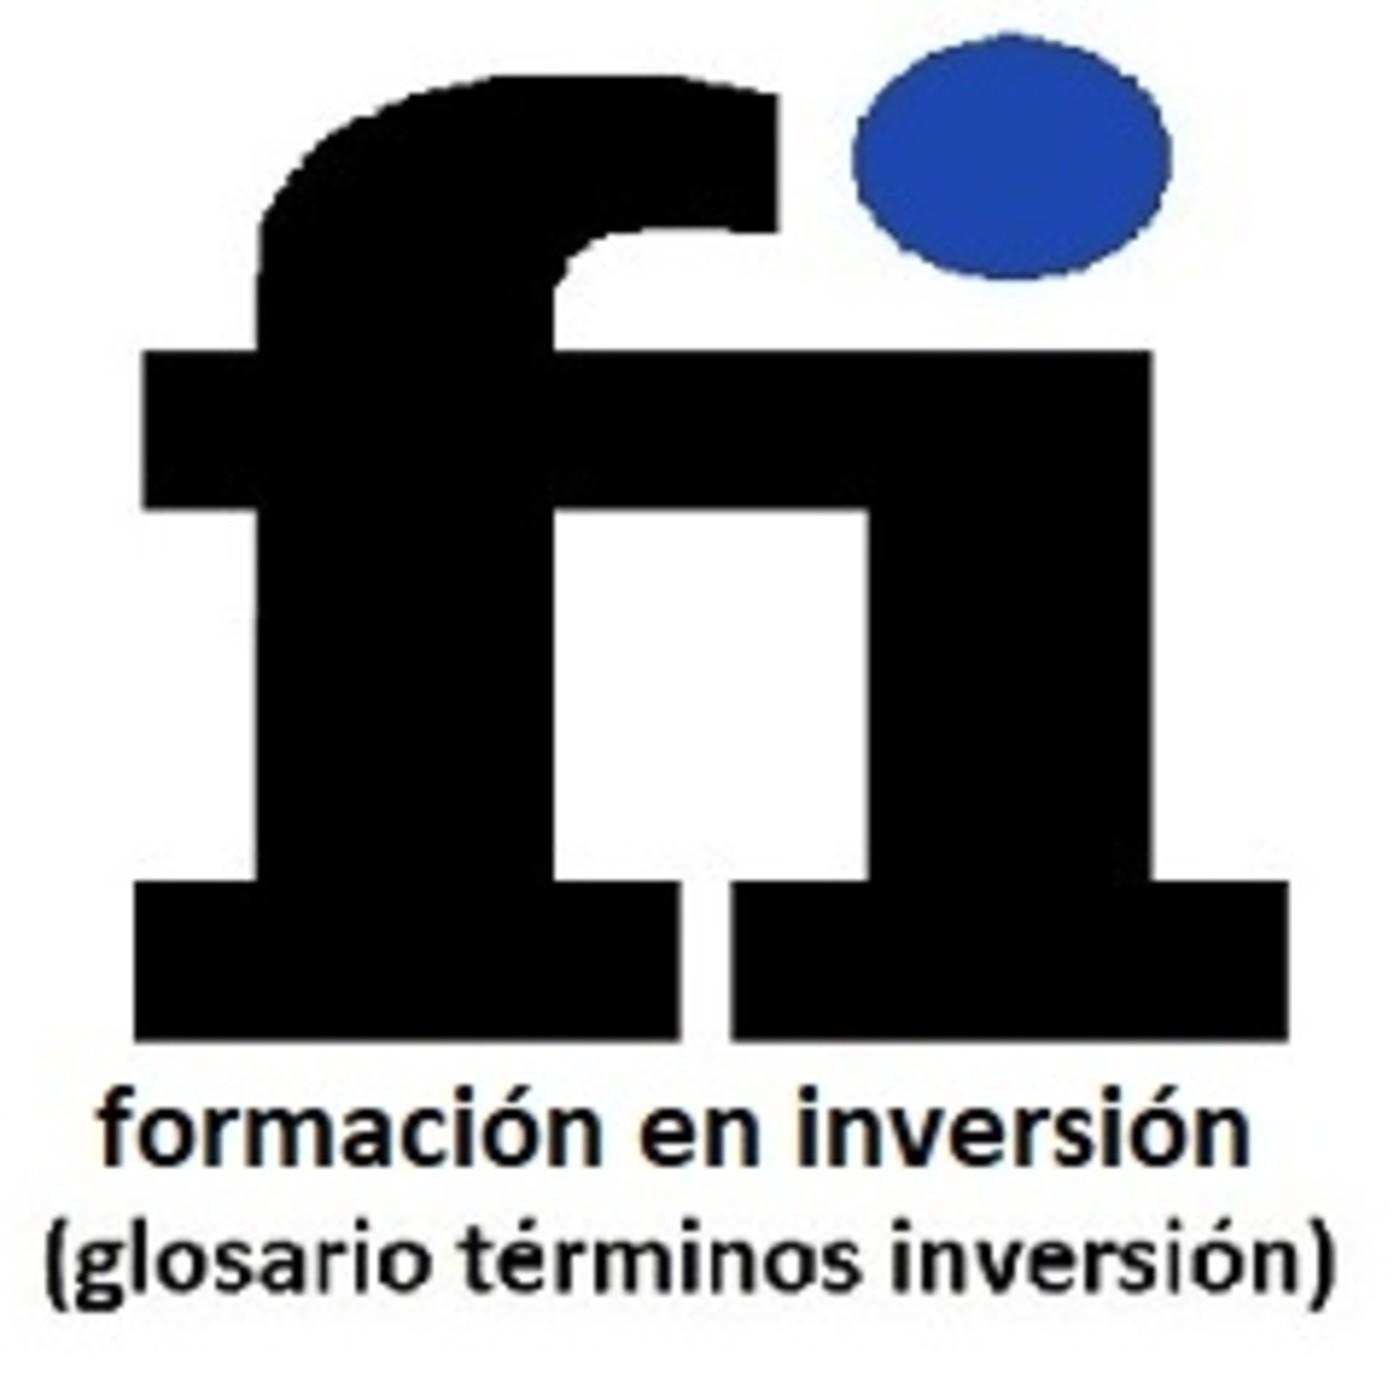 """59-""""CONCEPTOS BÁSICOS DE CONTABILIDAD"""" (Glosario de términos de inversión-Formación en Inversión)"""